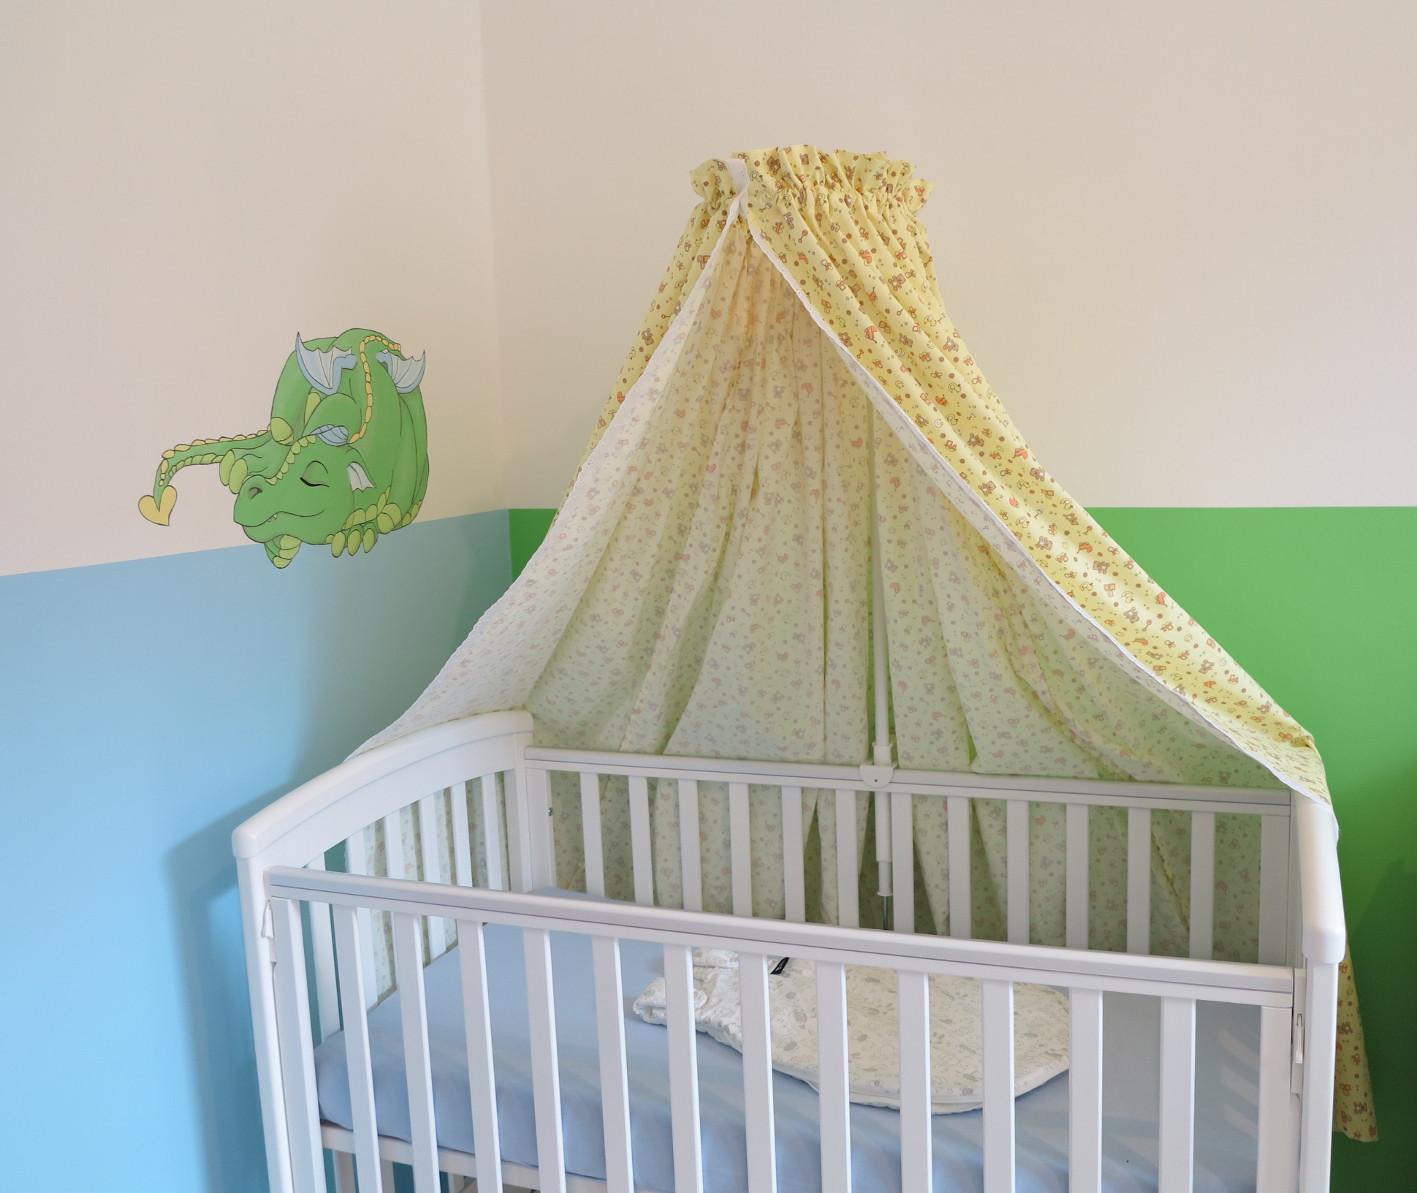 fairyknits ein ganzes zimmer voller vorfreude und drachen. Black Bedroom Furniture Sets. Home Design Ideas